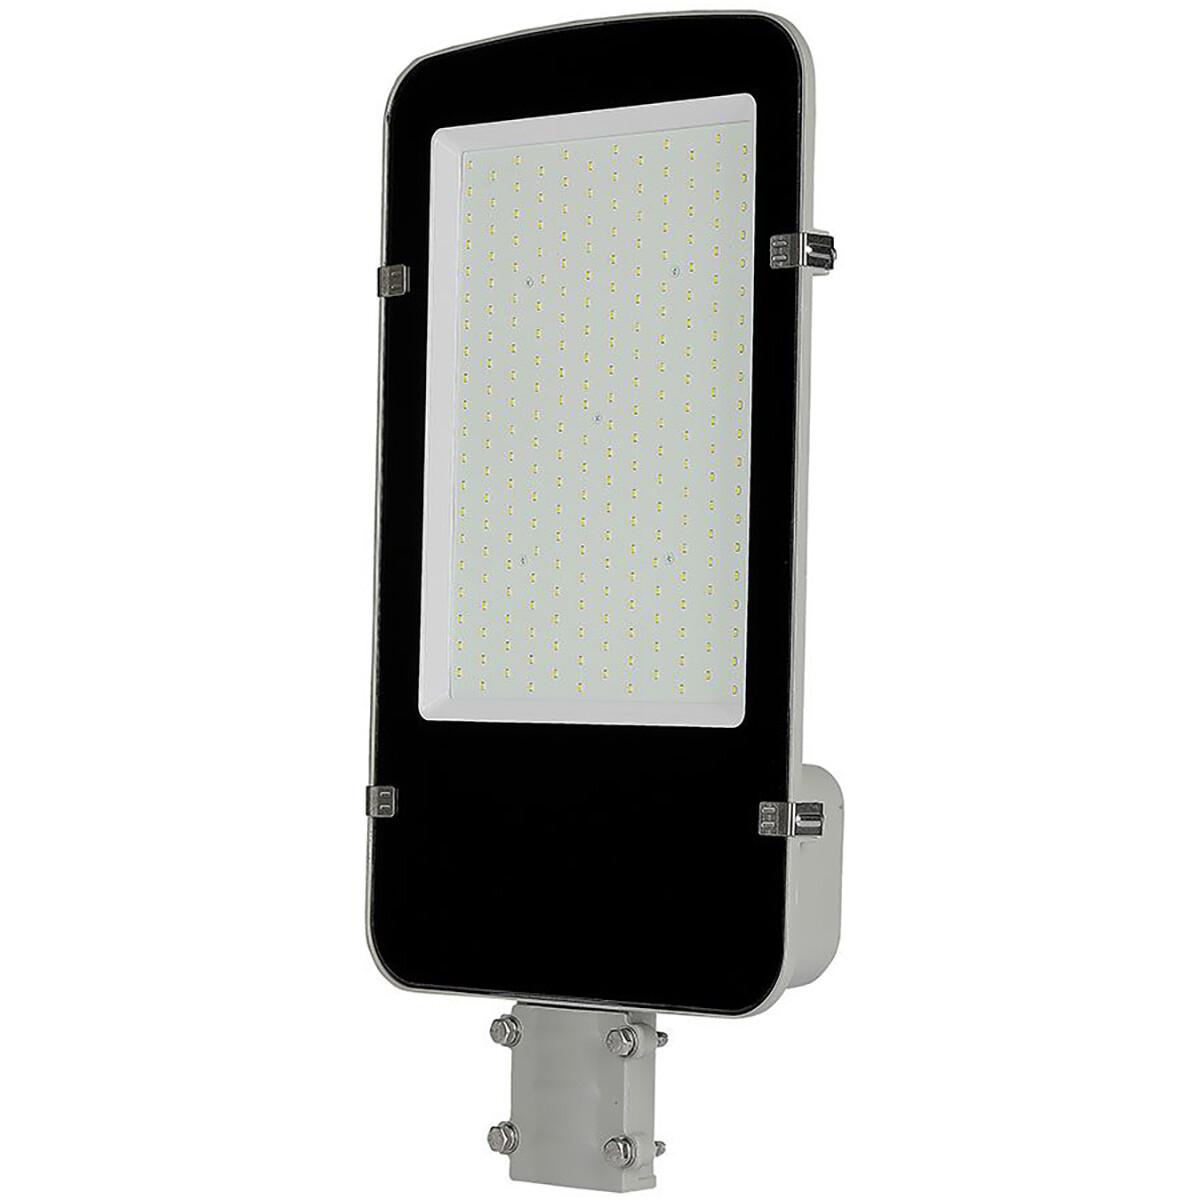 SAMSUNG - LED Straatlamp - Viron Anno - 150W - Natuurlijk Wit 4000K - Waterdicht IP65 - Mat Zwart -